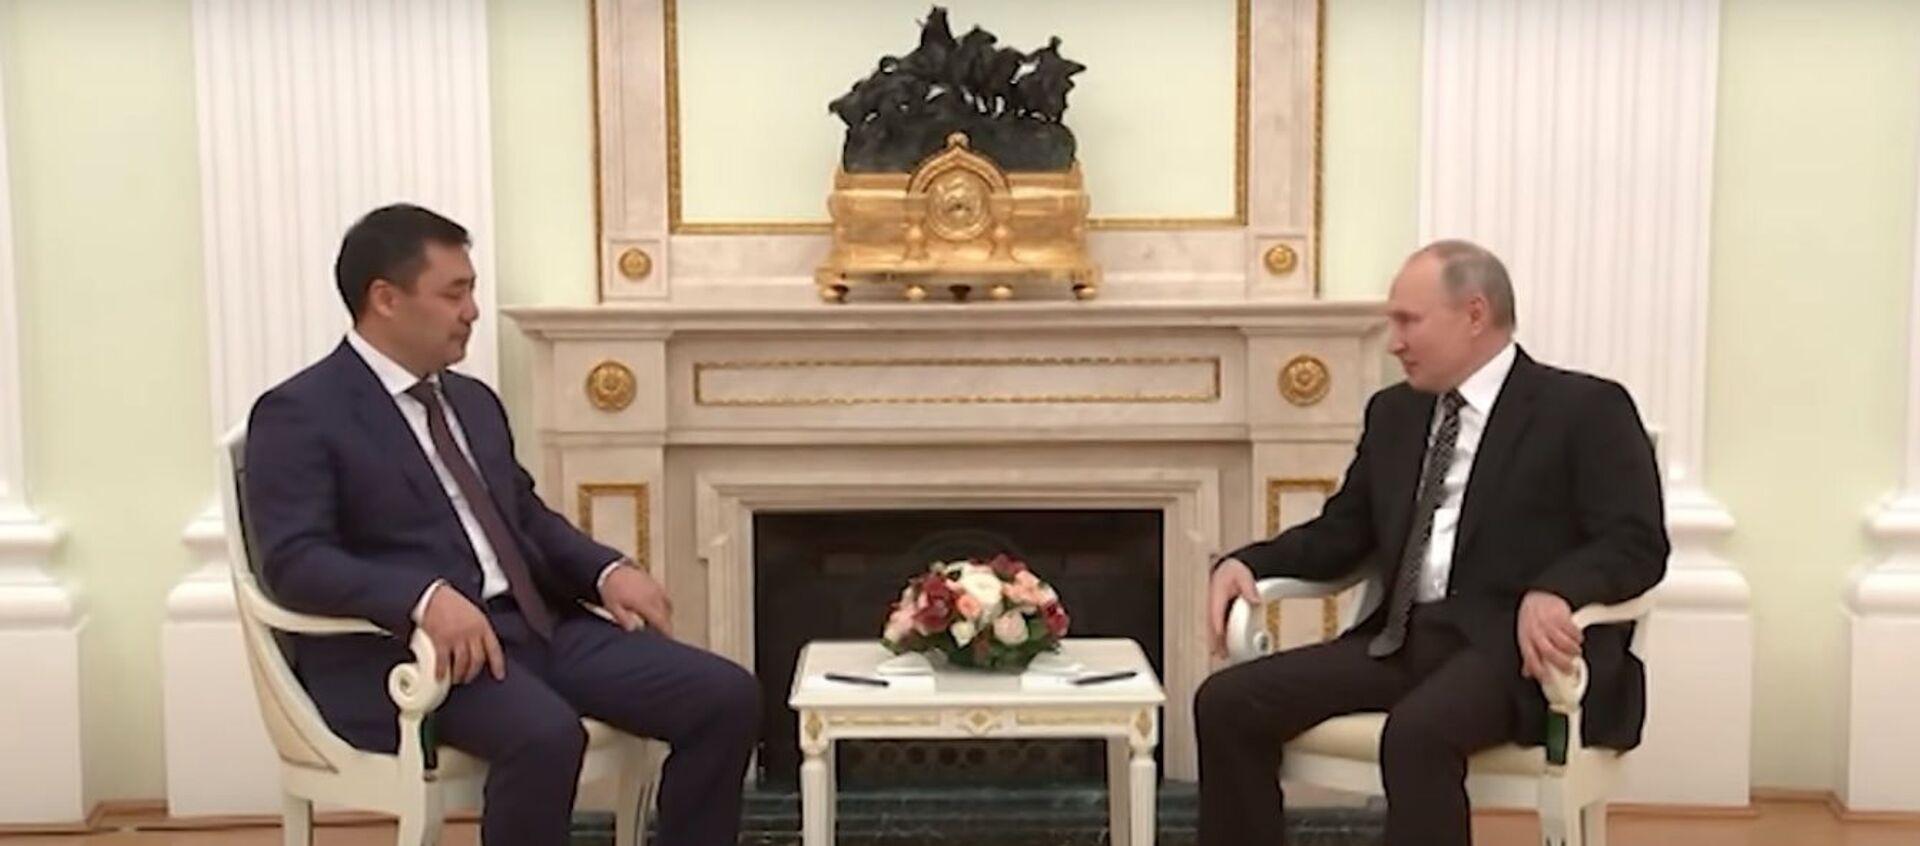 Как прошла первая встреча Садыра Жапарова и Владимира Путина - Sputnik Узбекистан, 1920, 25.02.2021